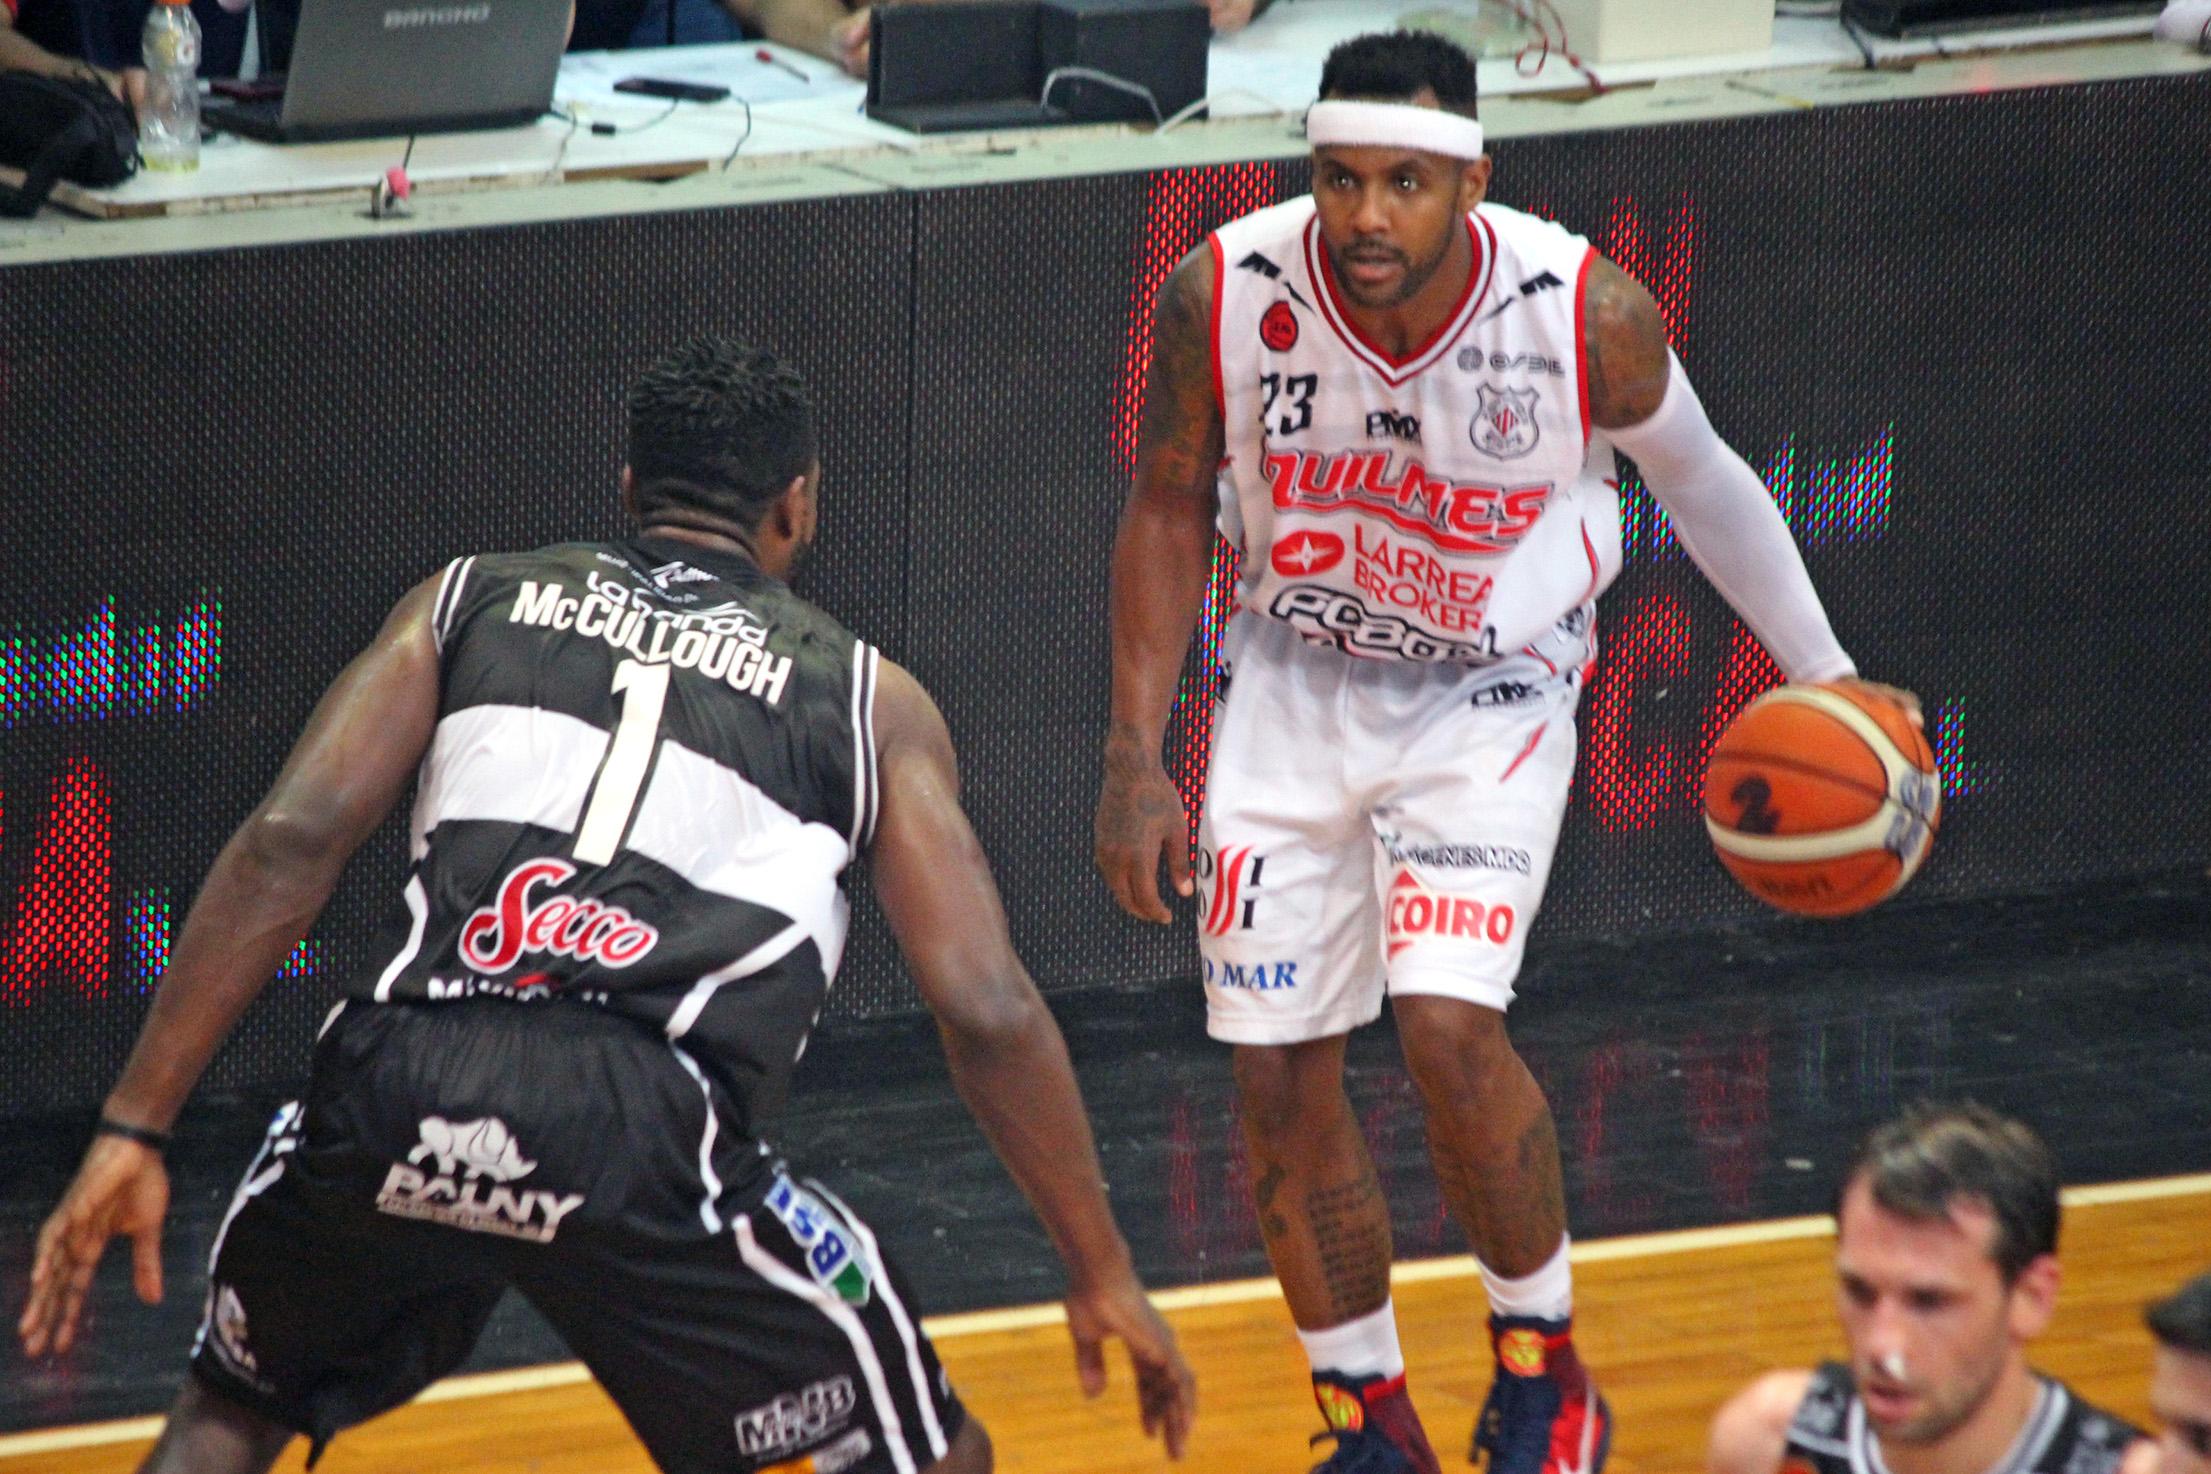 Walter Baxley nuevamente fue clave. (Foto: Mariano Díaz (Pasión & Deporte) - LNB.com.ar)